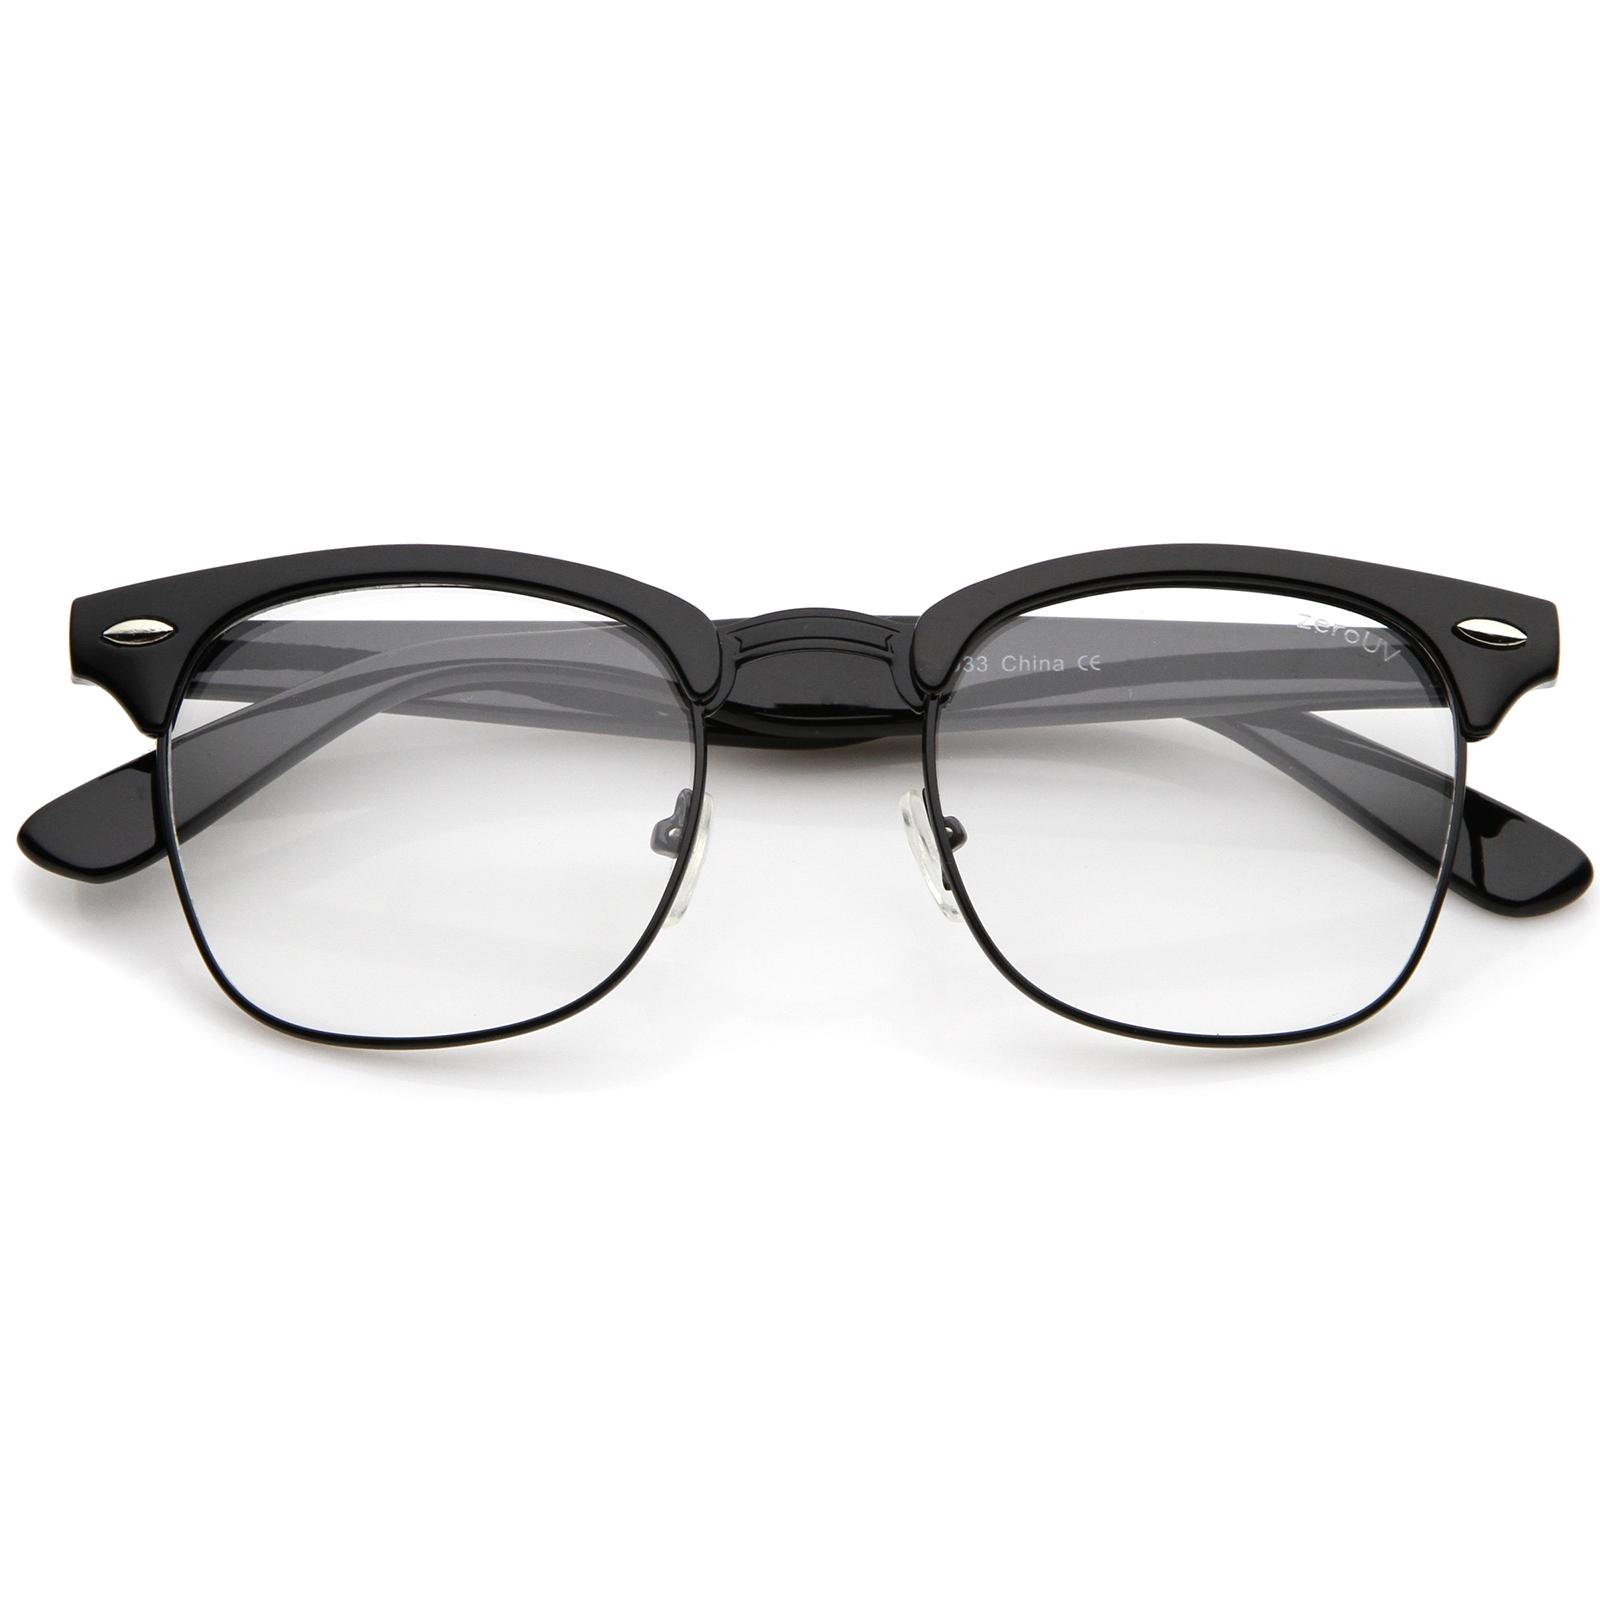 Half Frame Horn Rimmed Glasses : zeroUV Retro Square Clear Lens Horn Rimmed Half-Frame ...